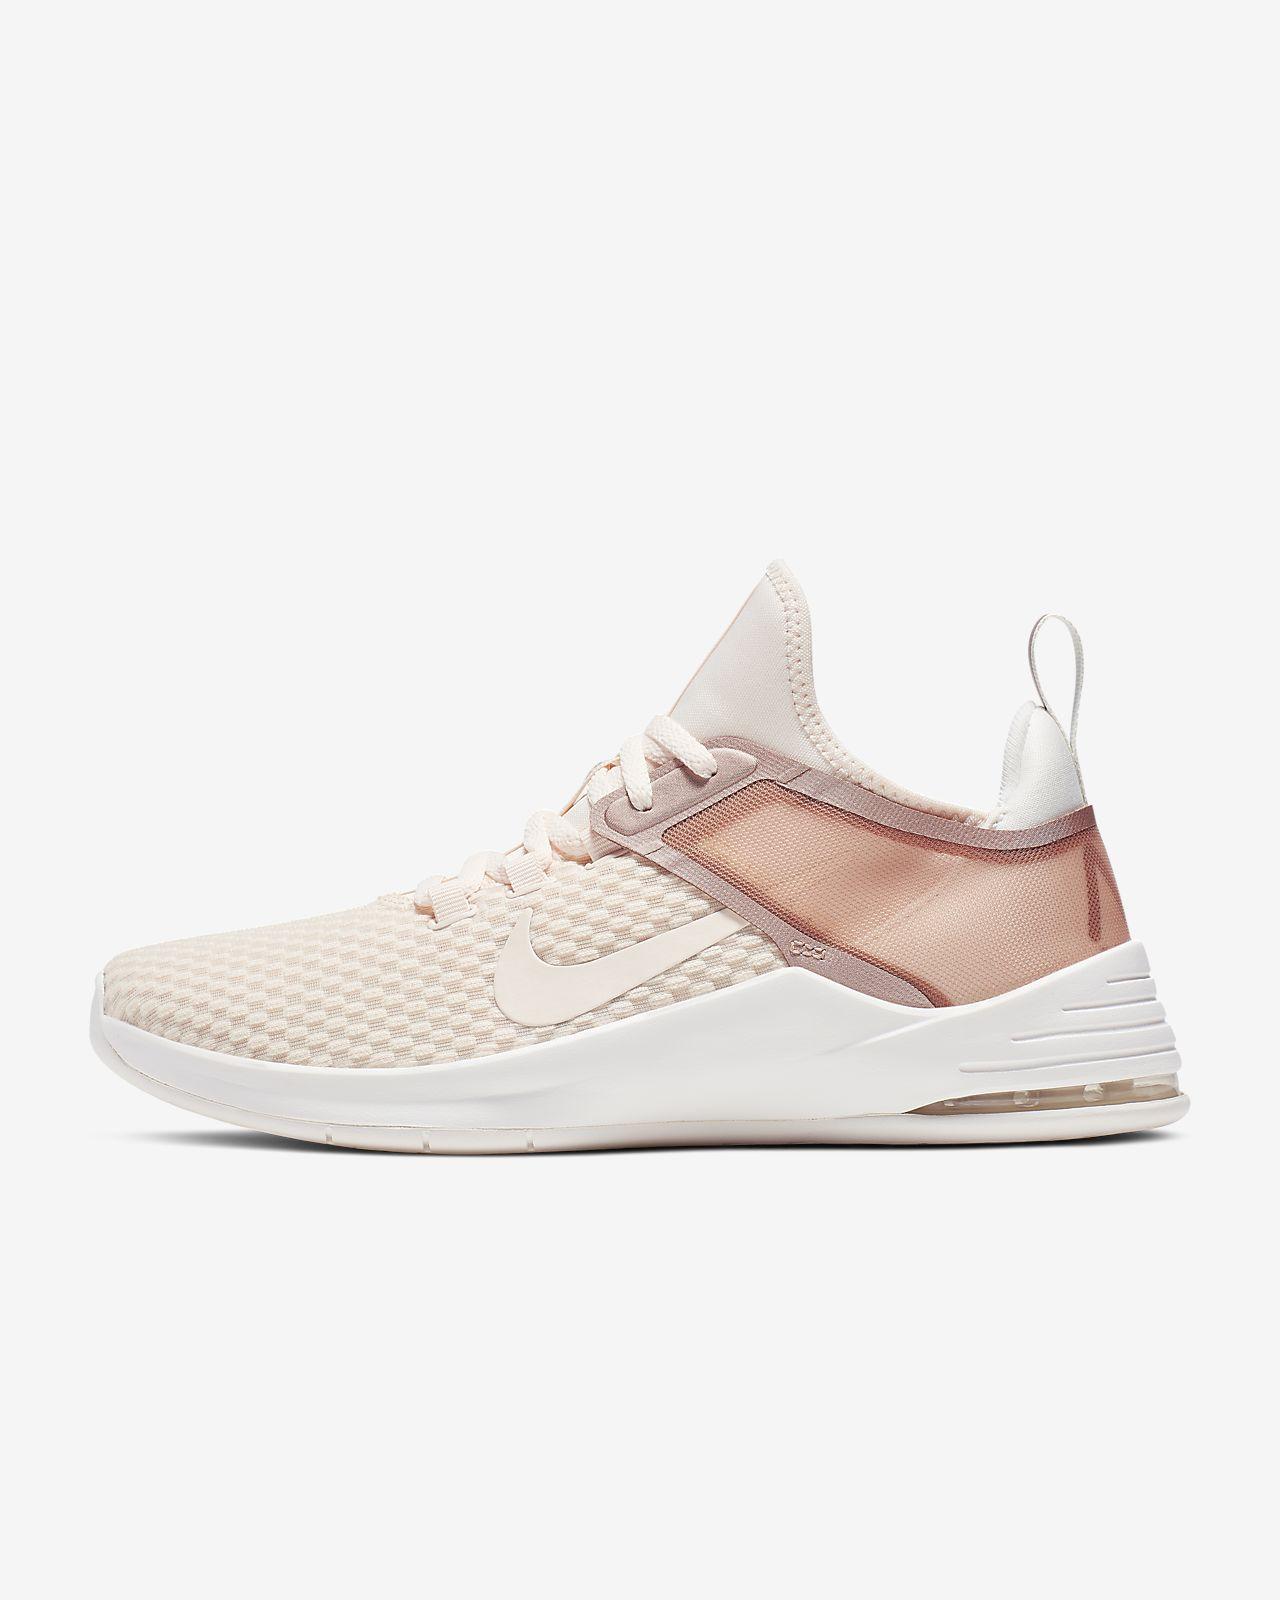 Nike Air Max BellaTR 2 PREM女子训练鞋